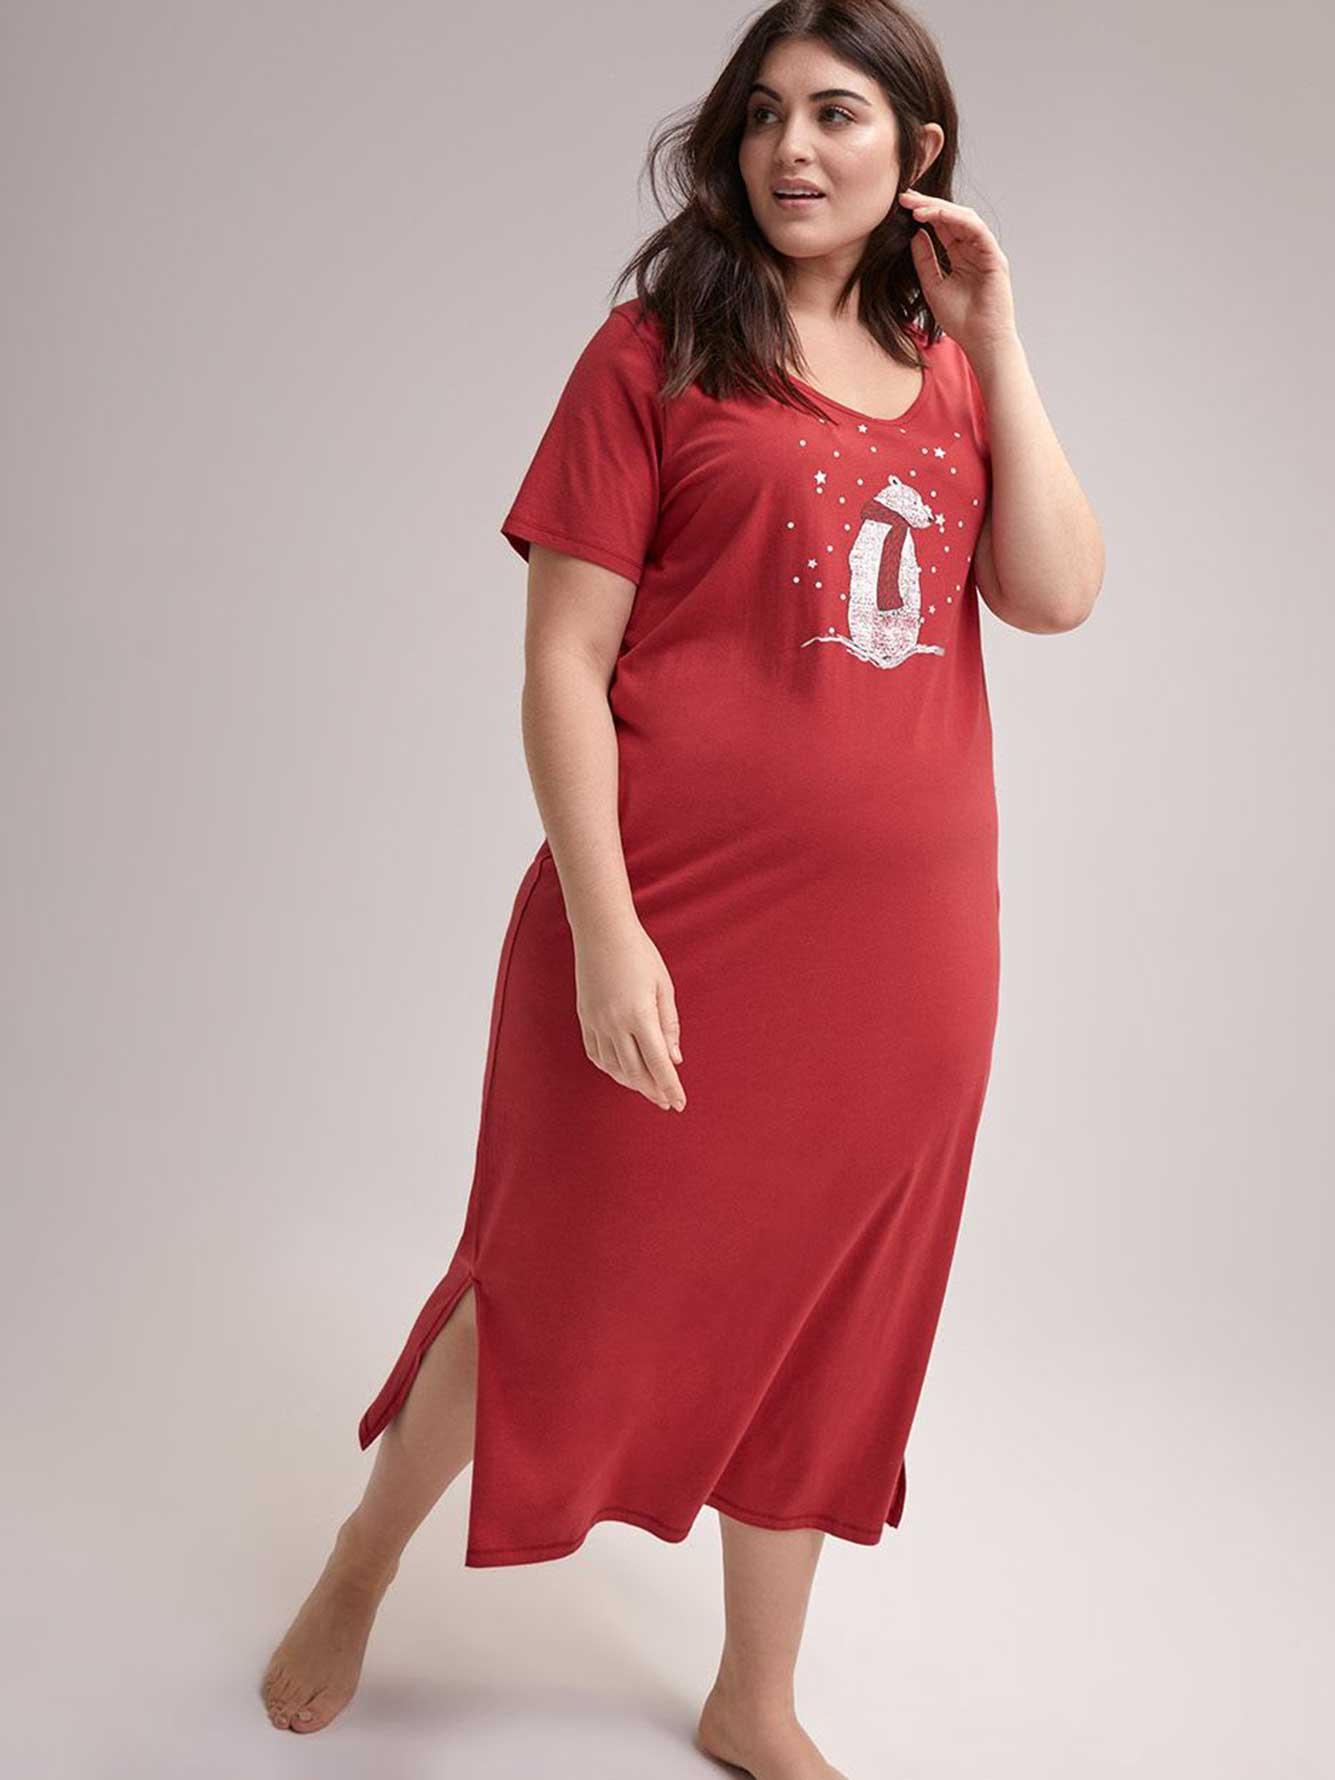 365e562ab68 Plus Size Clothing - Stylish   Trendy Plus Size Fashions